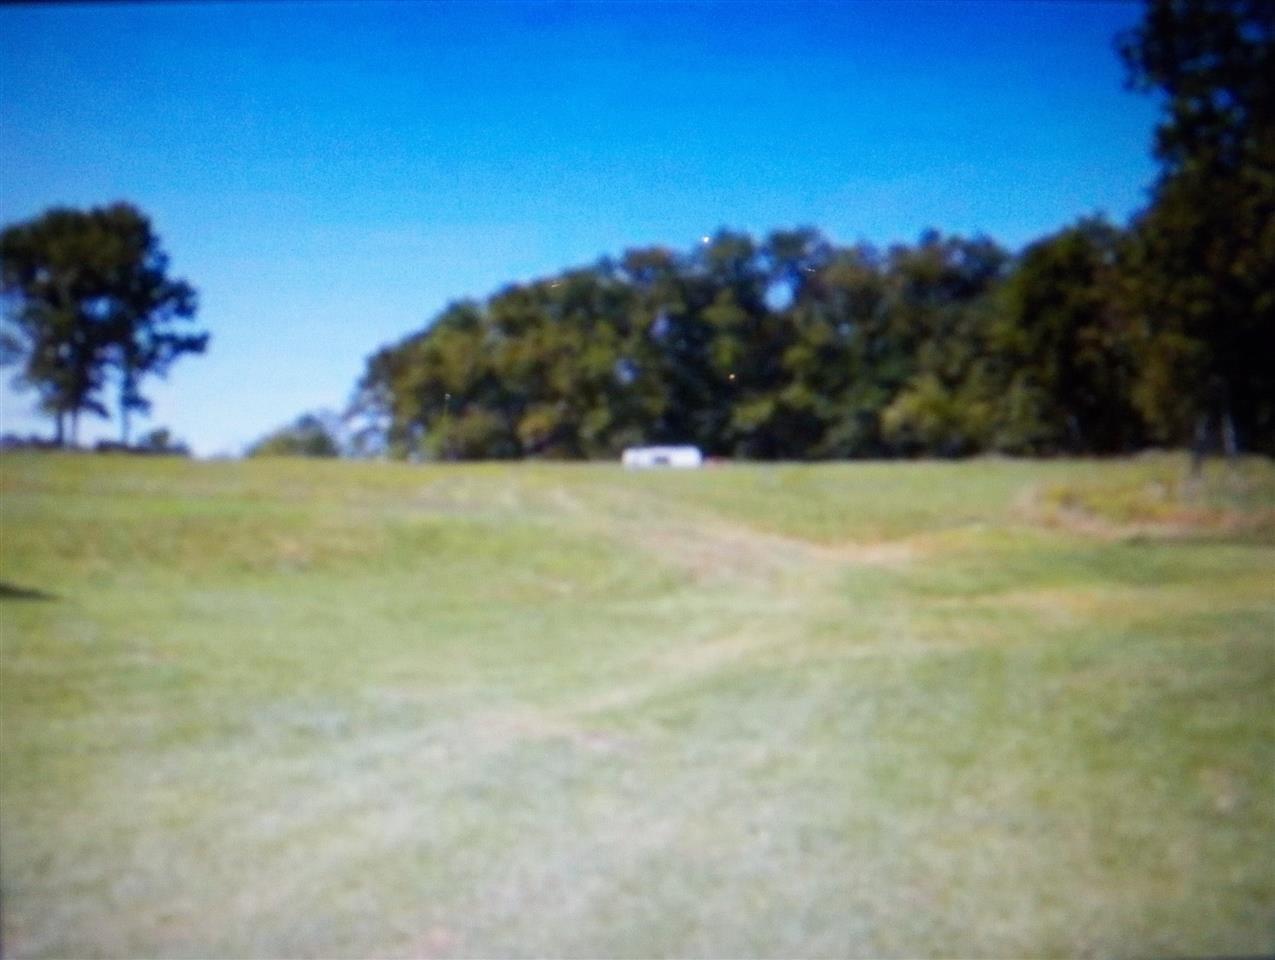 Real Estate for Sale, ListingId: 31881951, Woodridge,NY12789